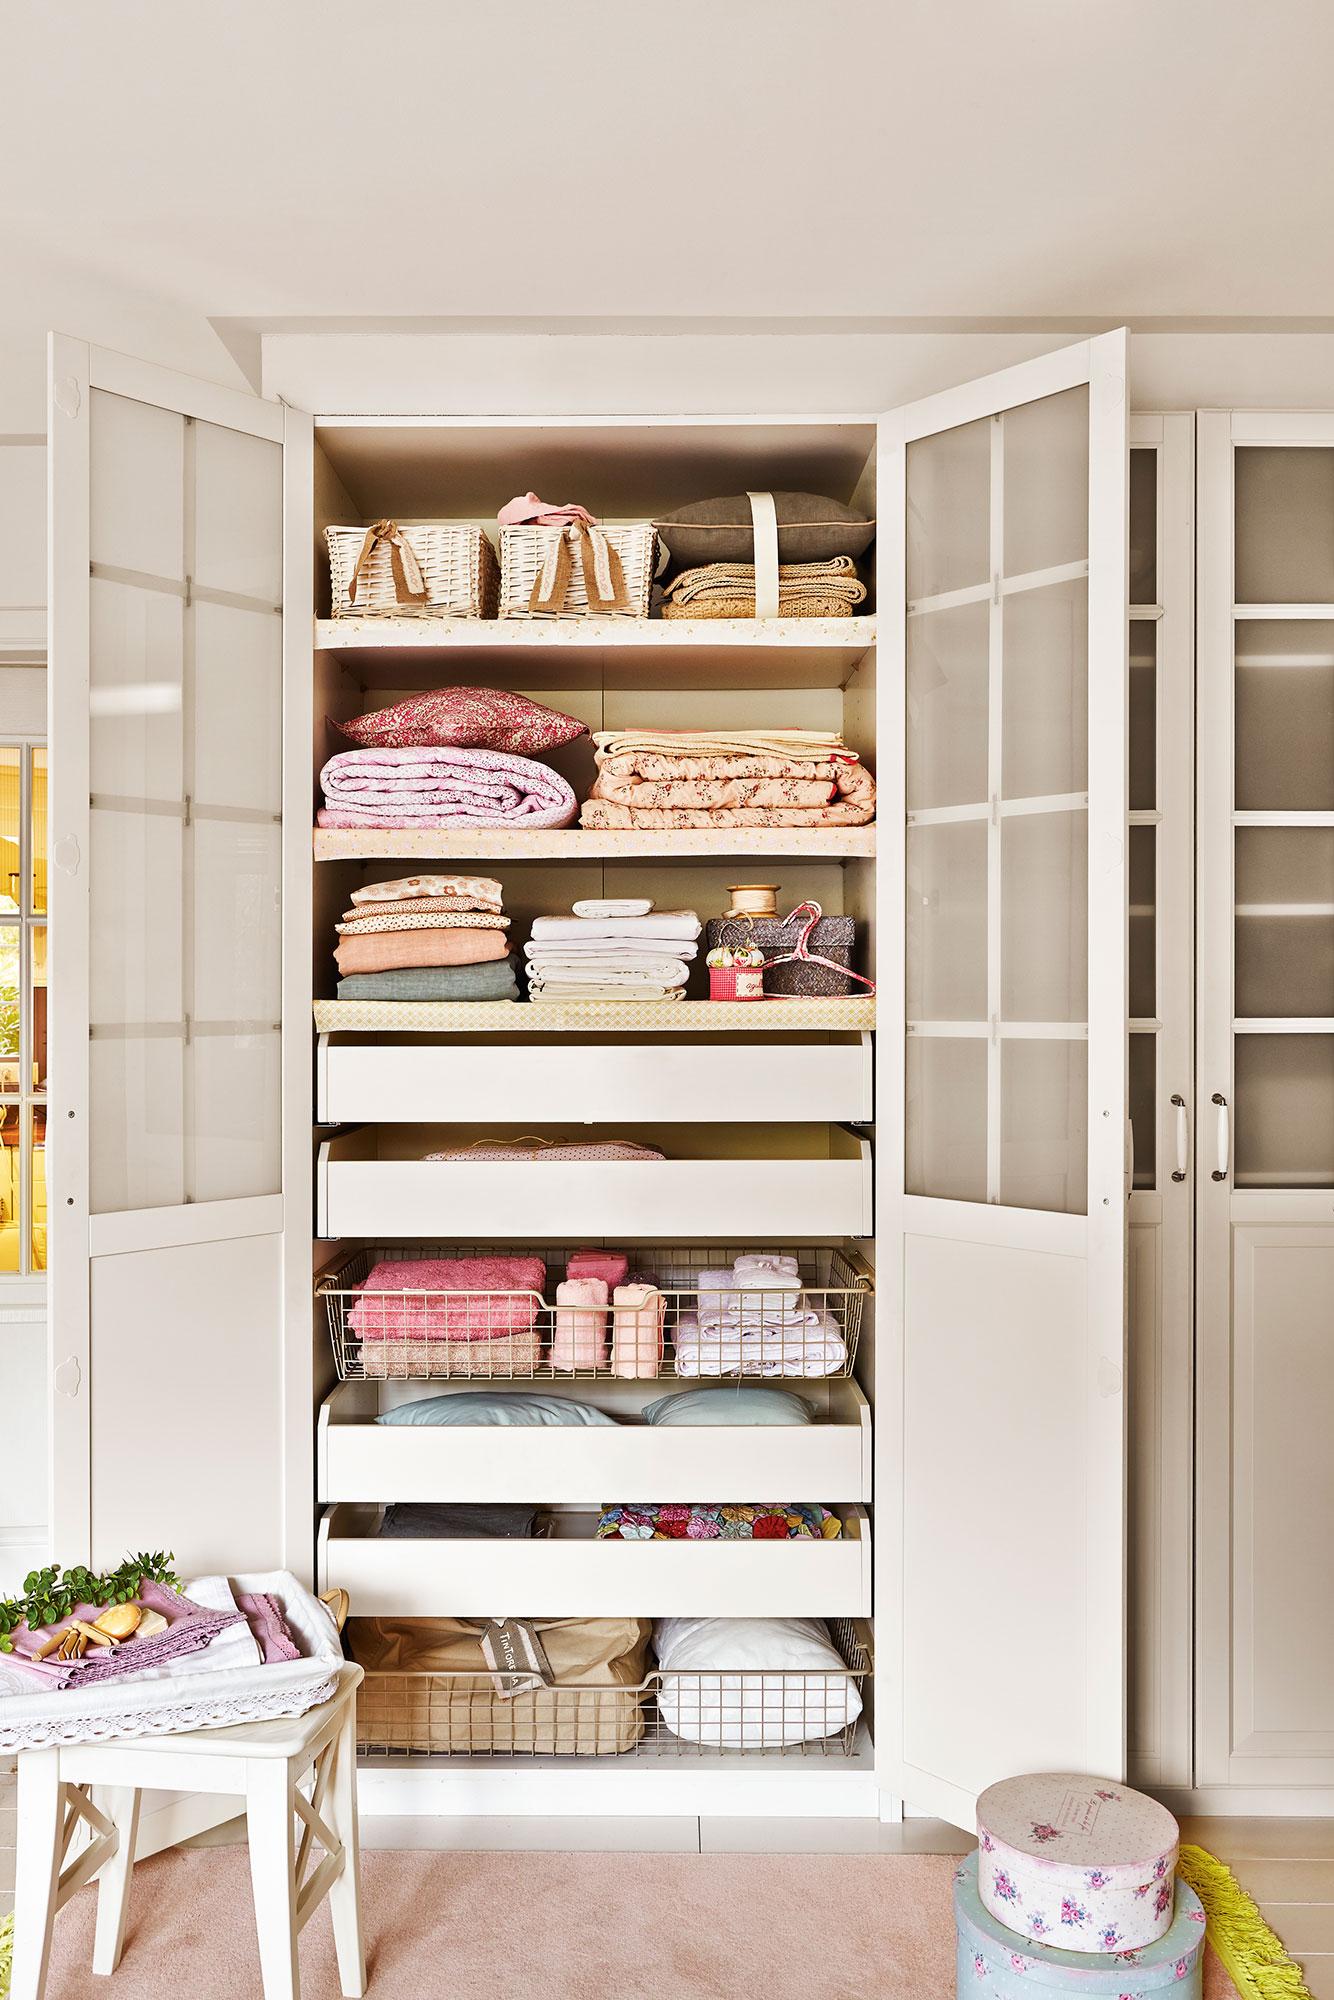 Claves del orden ideas y trucos para ganar espacio for Cajas para guardar ropa armario